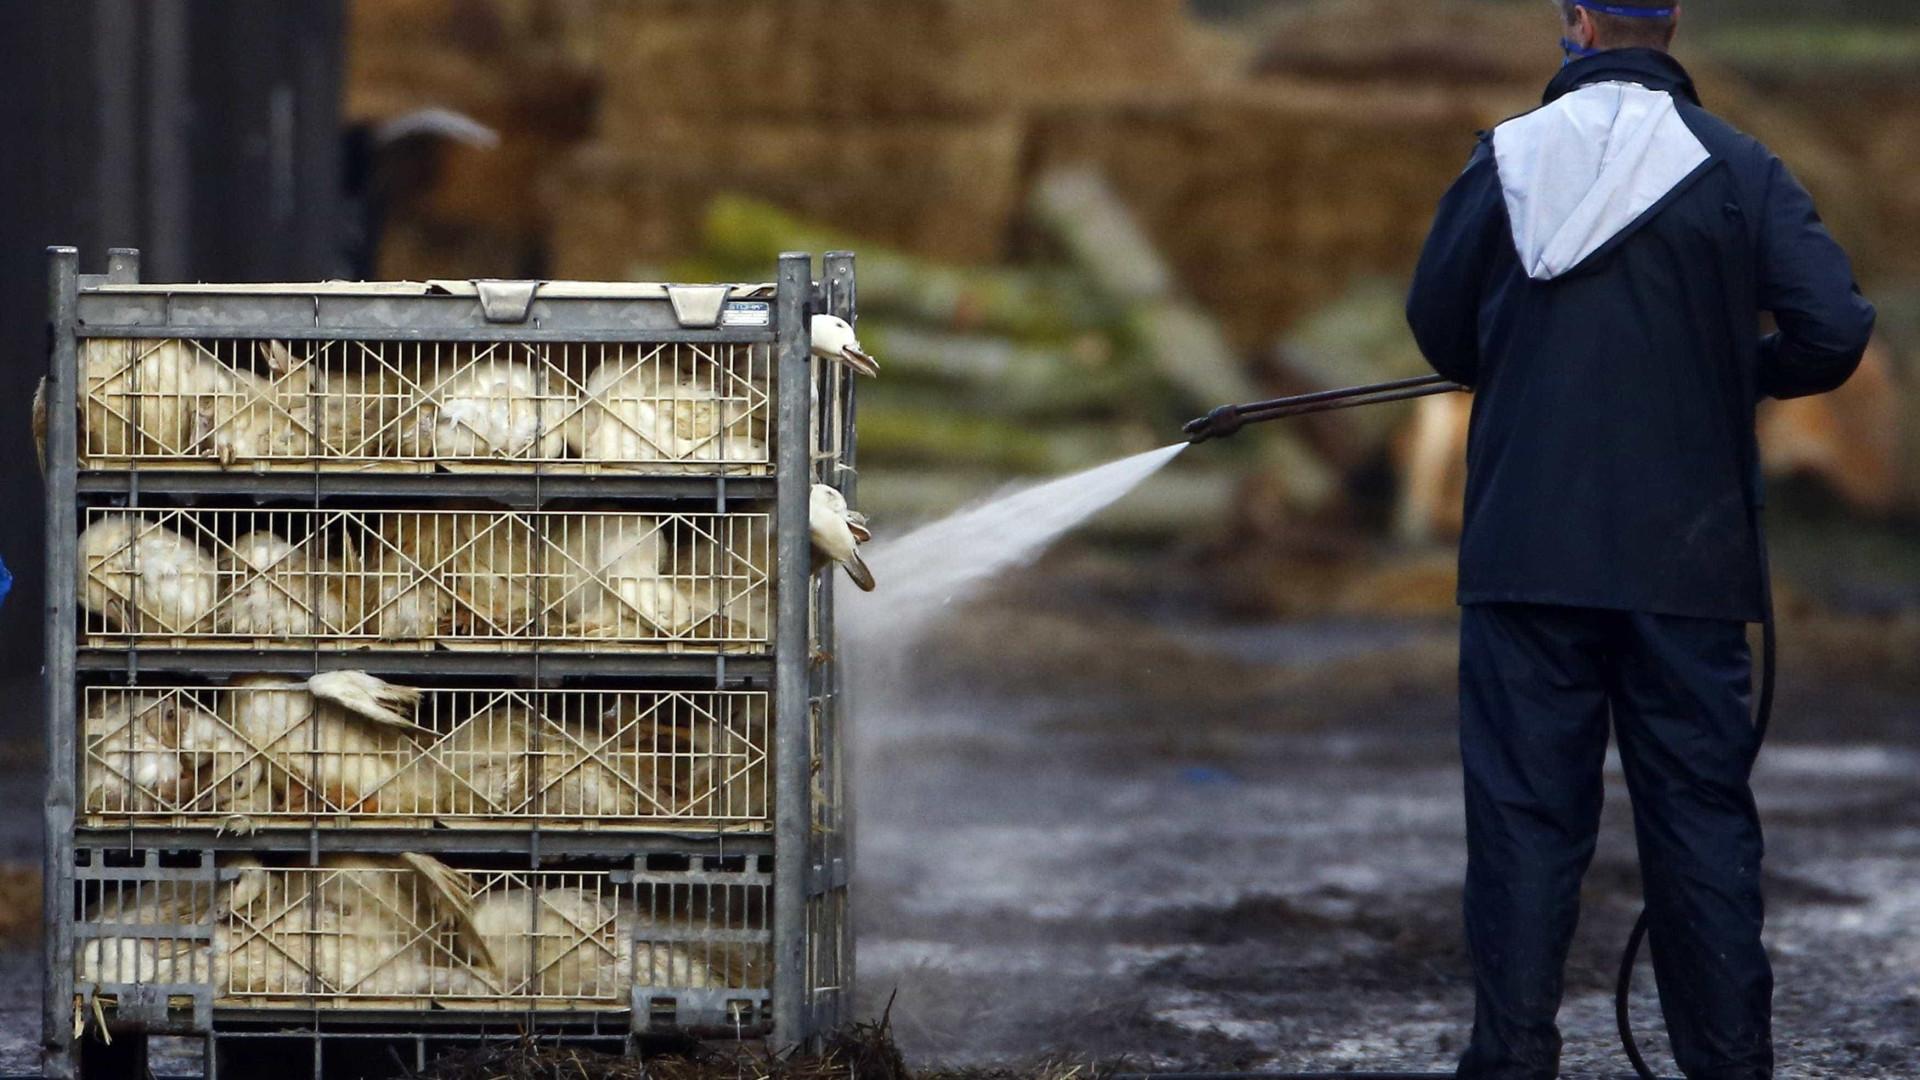 Proibida venda de perus, gansos, patos e galinhas franceses em mercados